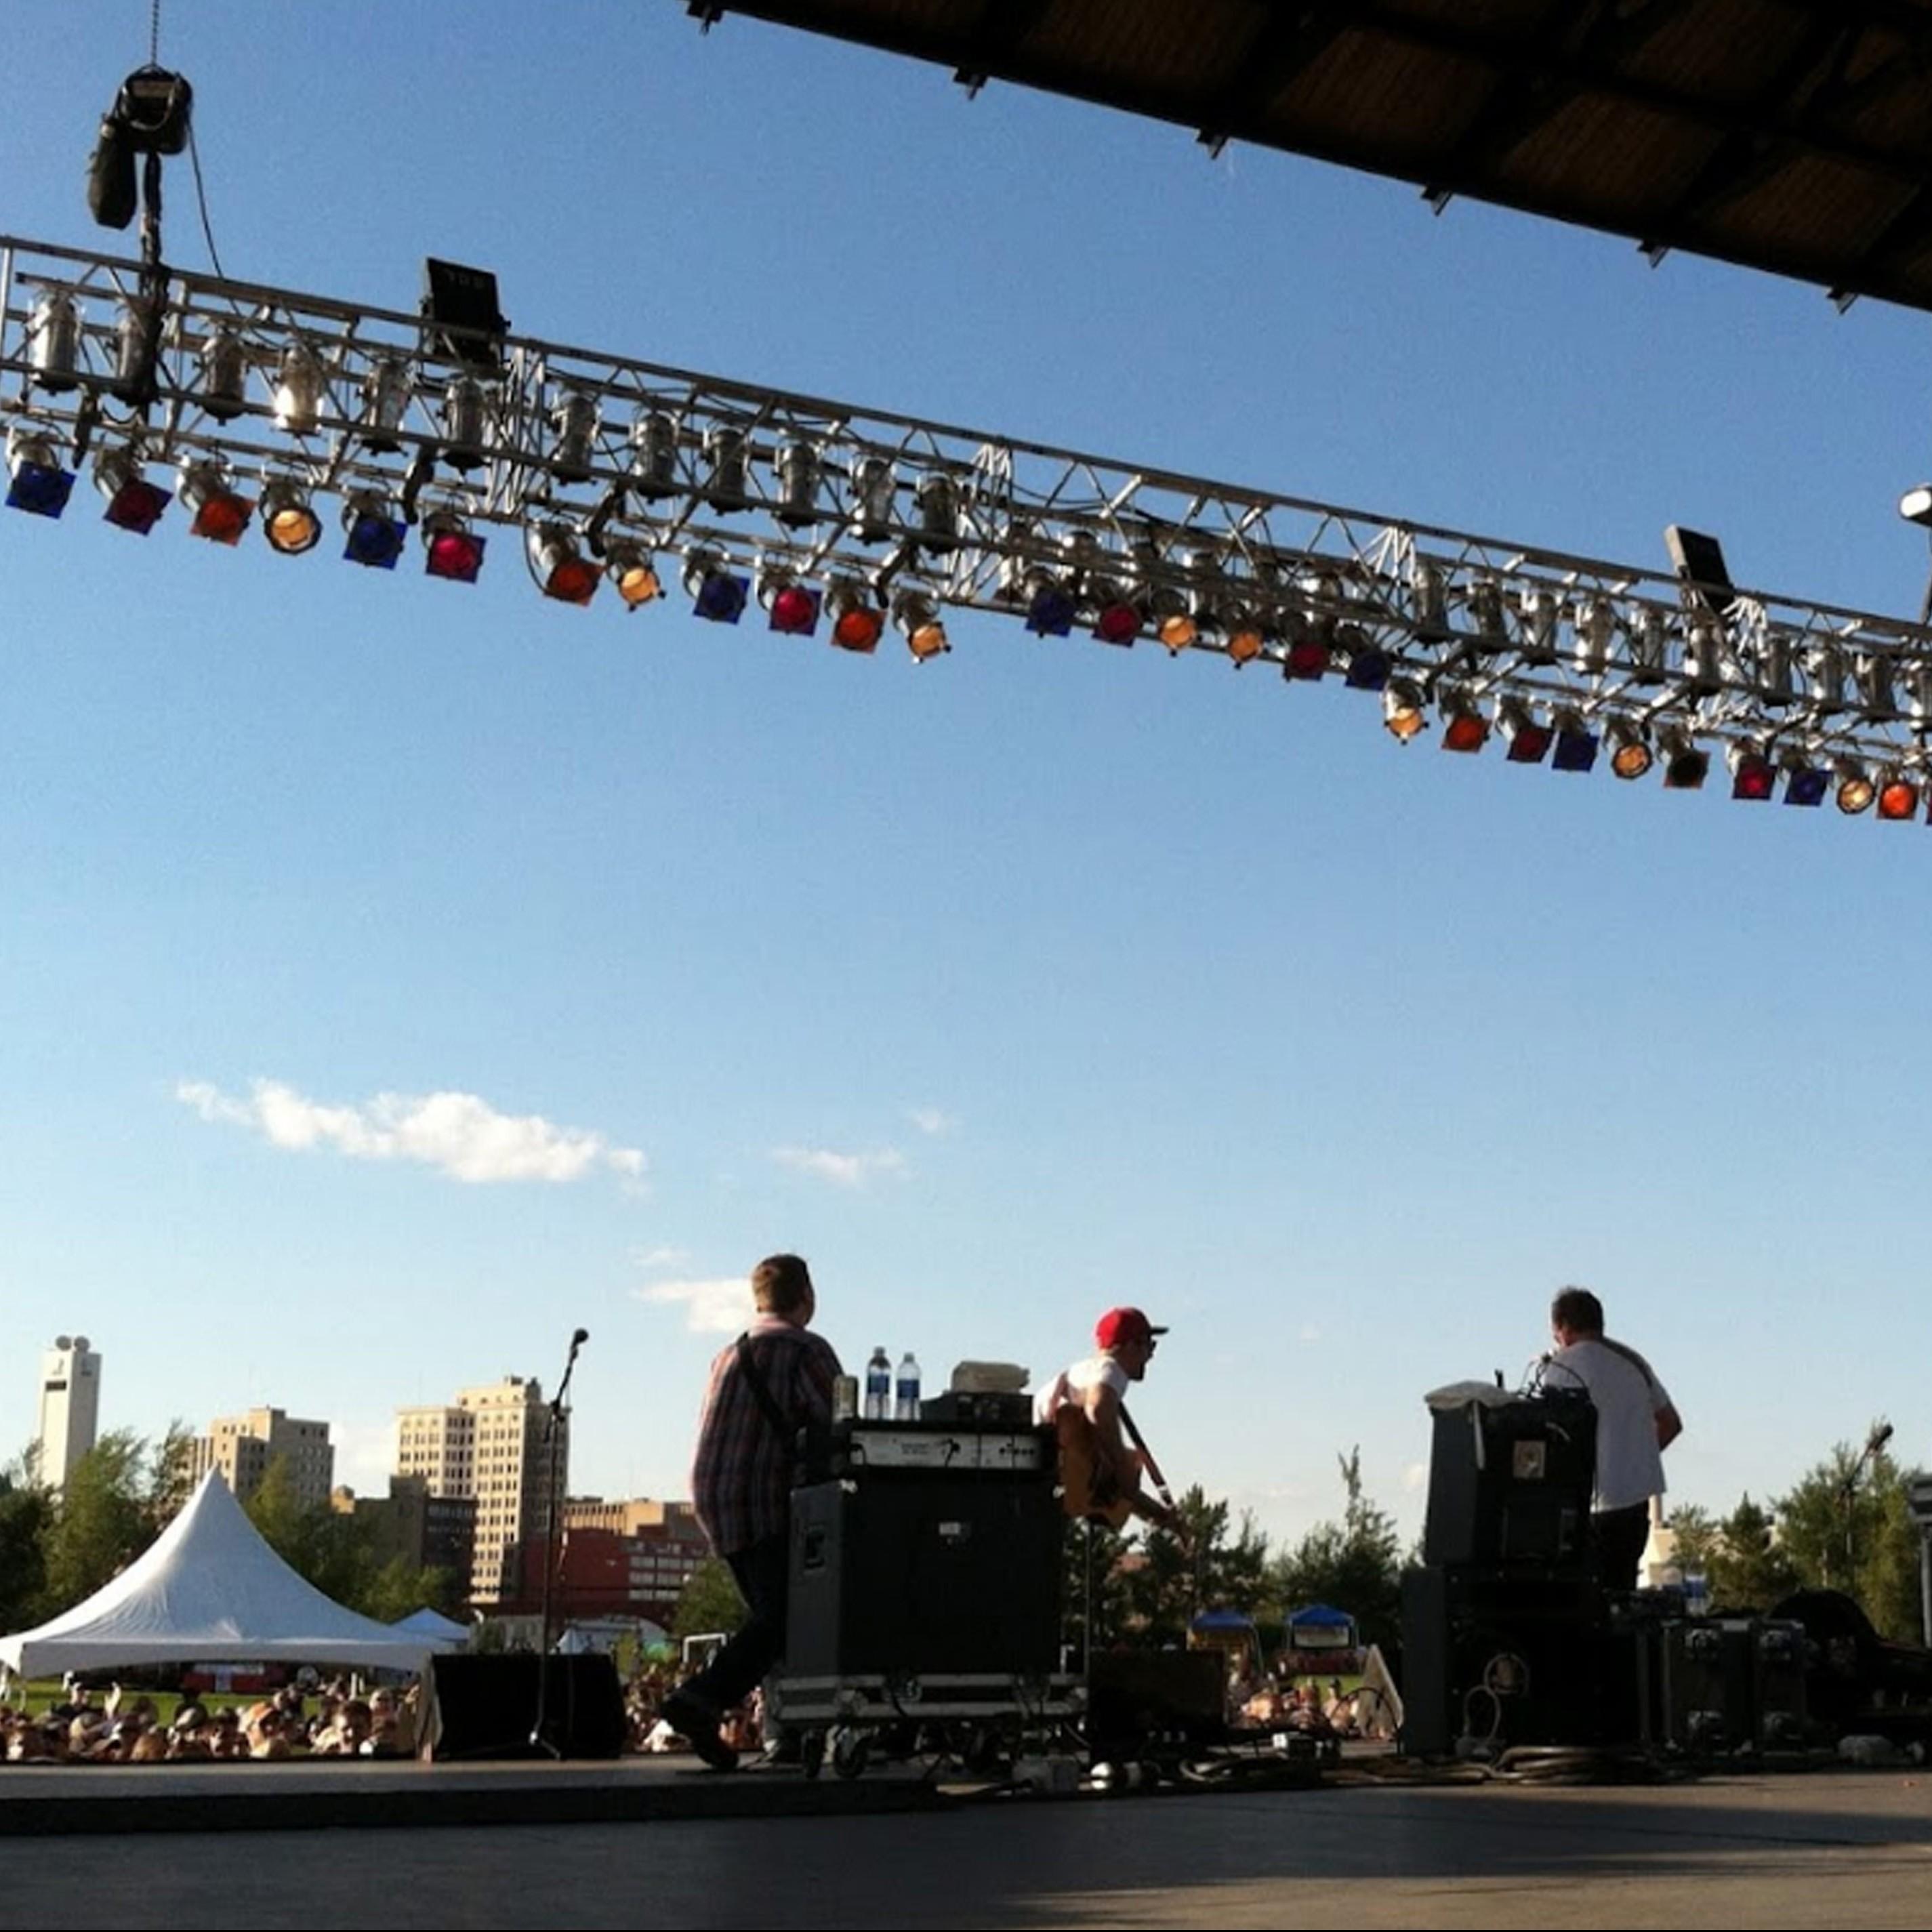 bayfront festival park